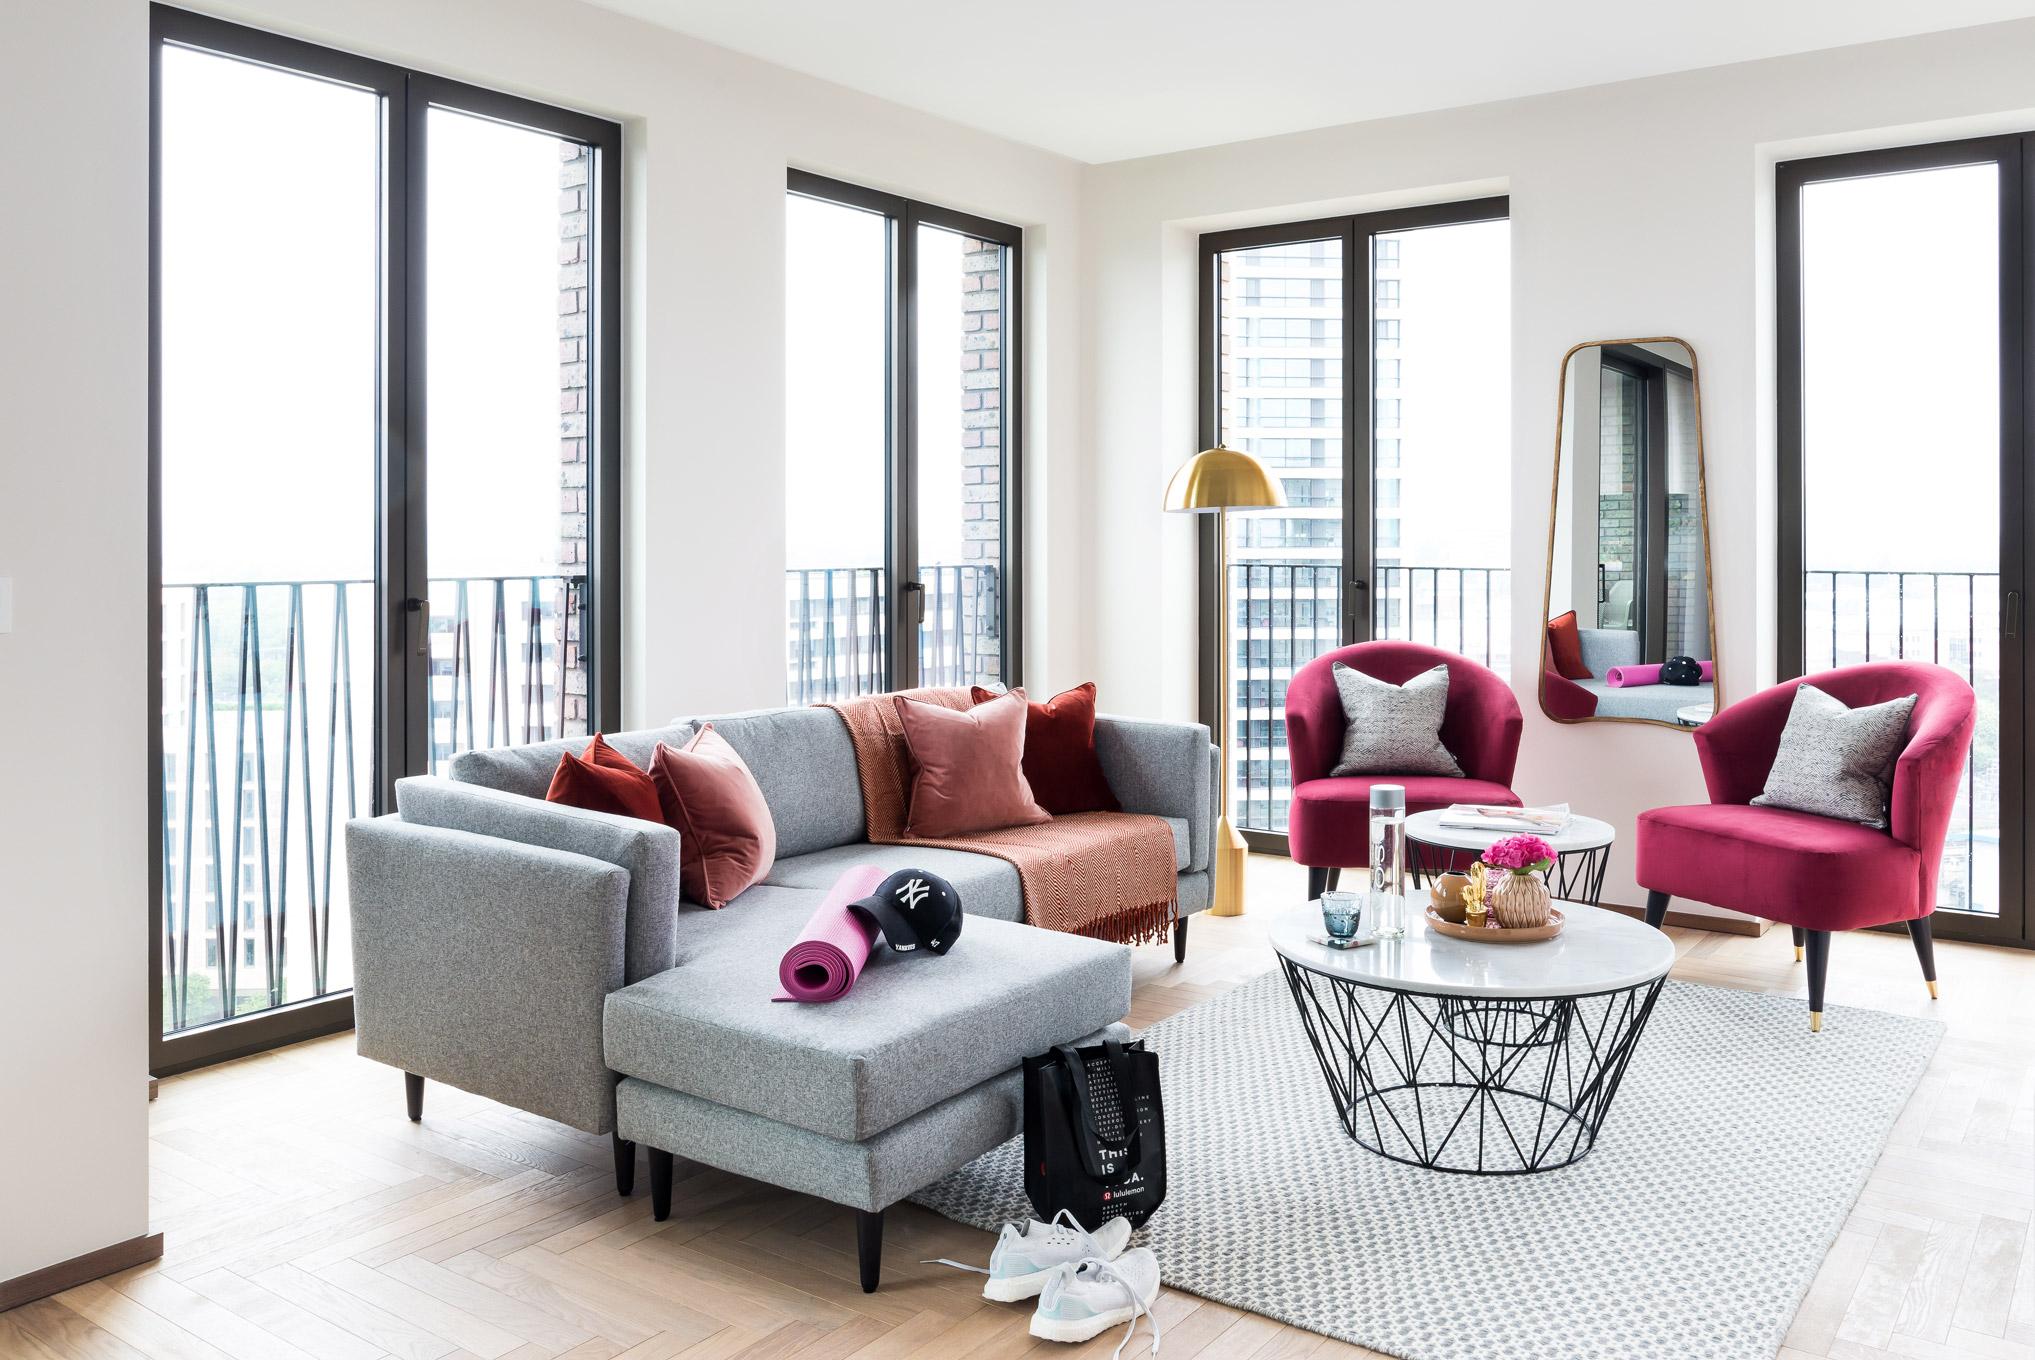 Fenman_House_1_15_Living_Room.jpg